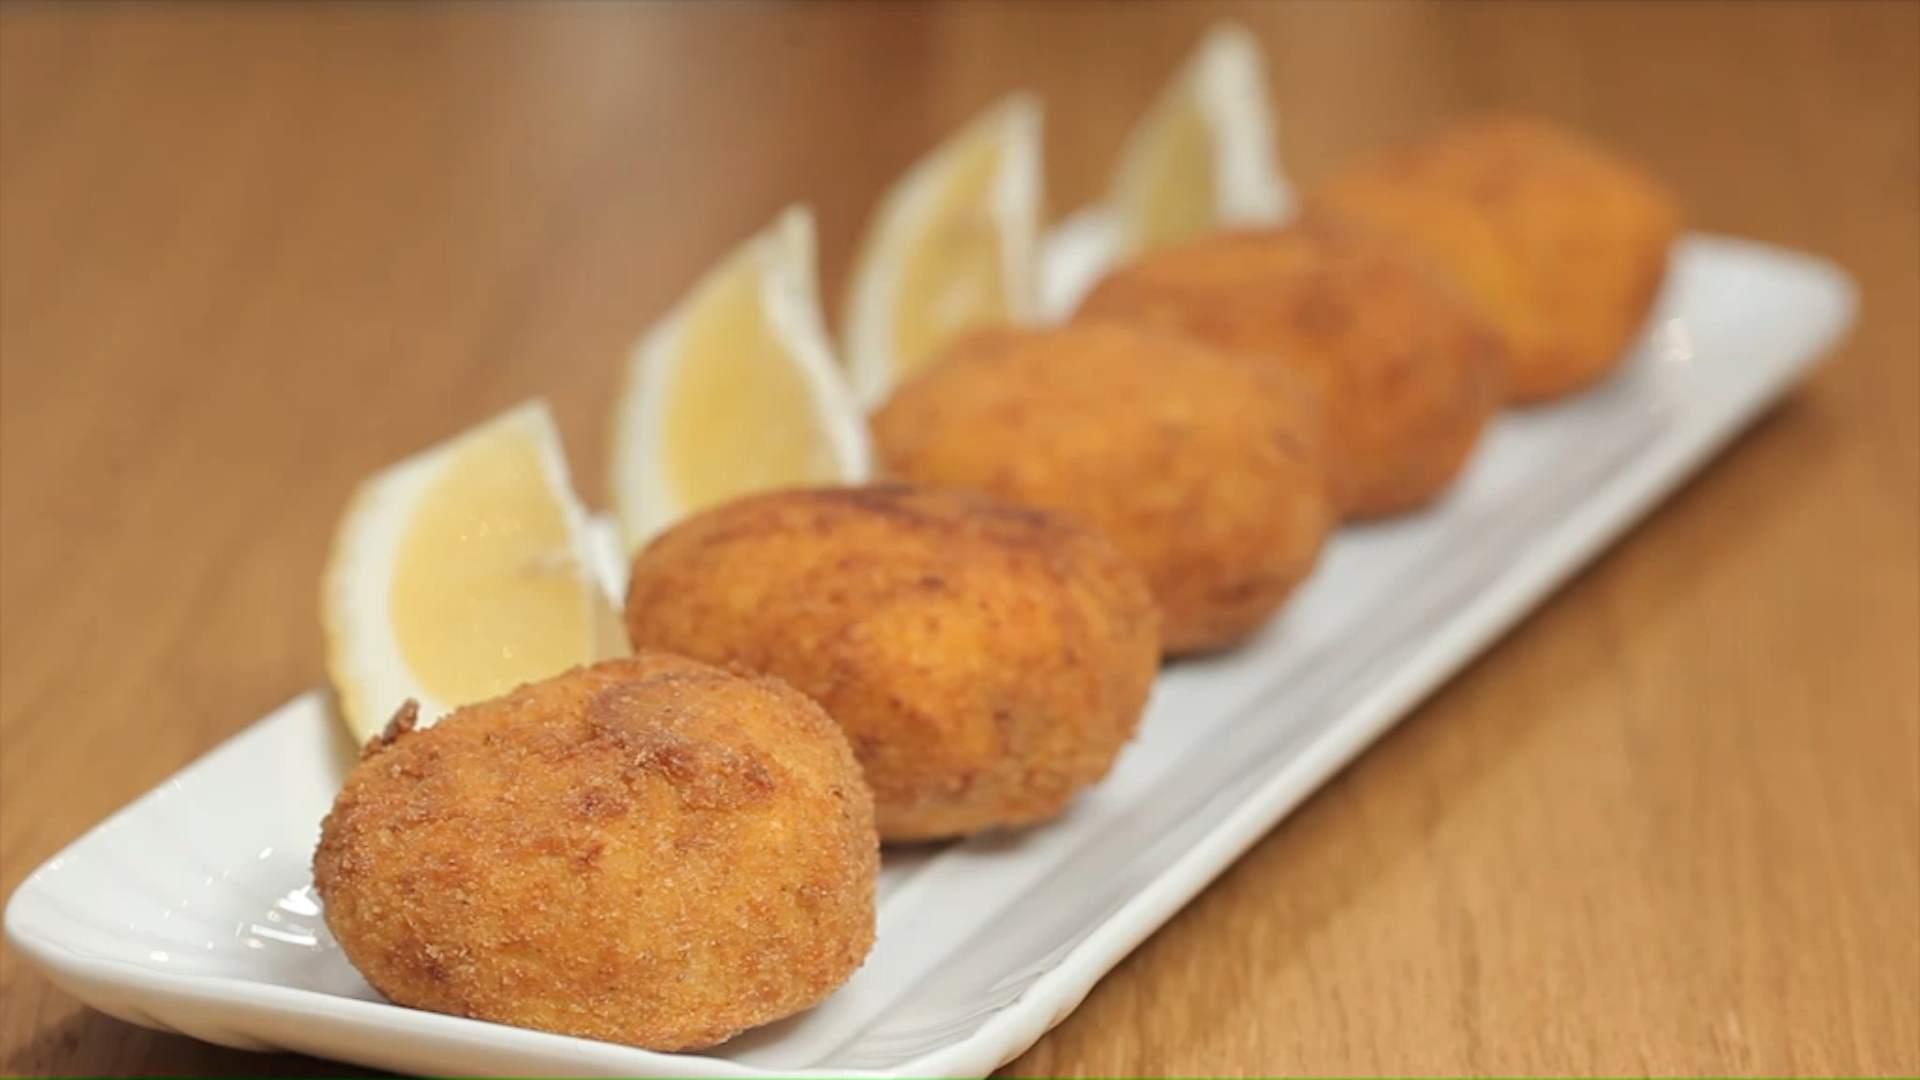 Exceptionnel Ricetta Polpette fritte di patate e tonno | Agrodolce JM91